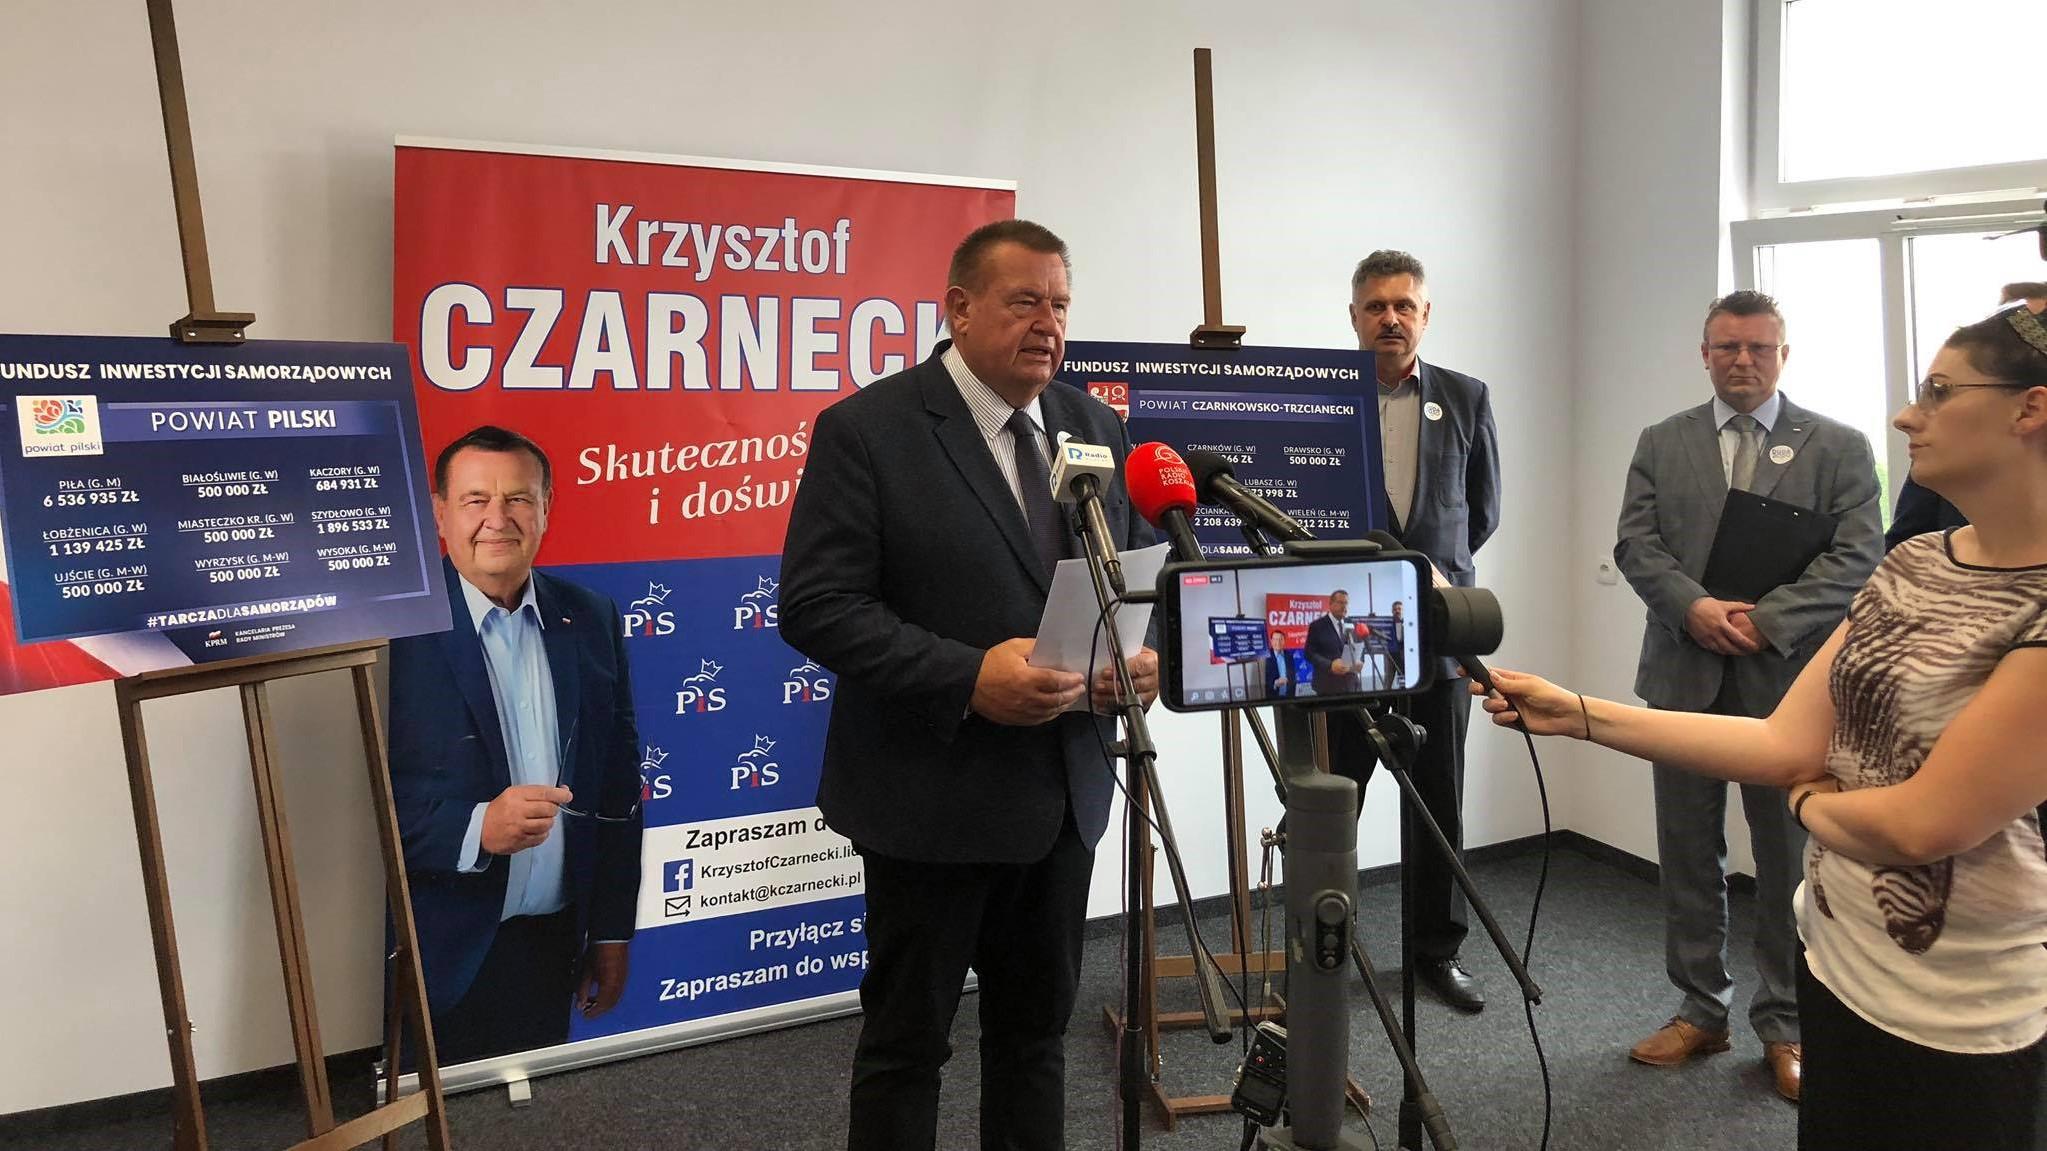 poseł Prawa i Sprawiedliwości Krzysztof Czarnecki  - Przemysław Stochaj